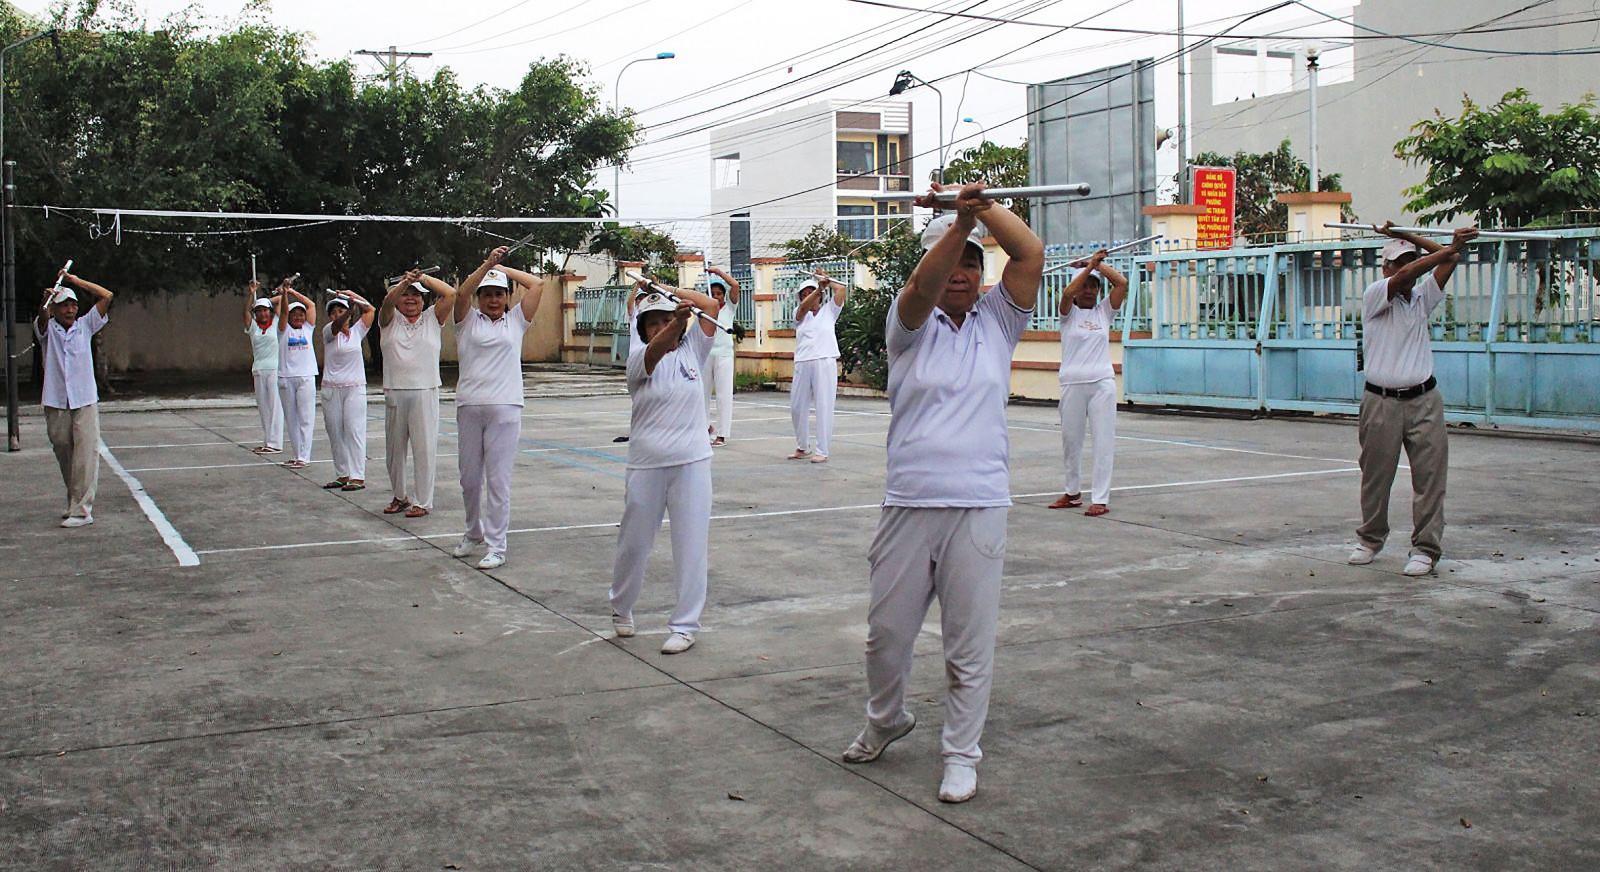 Các thành viên câu lạc bộ dưỡng sinh phường Hưng Thạnh duy trì tốt việc tập luyện, nâng cao sức khỏe.